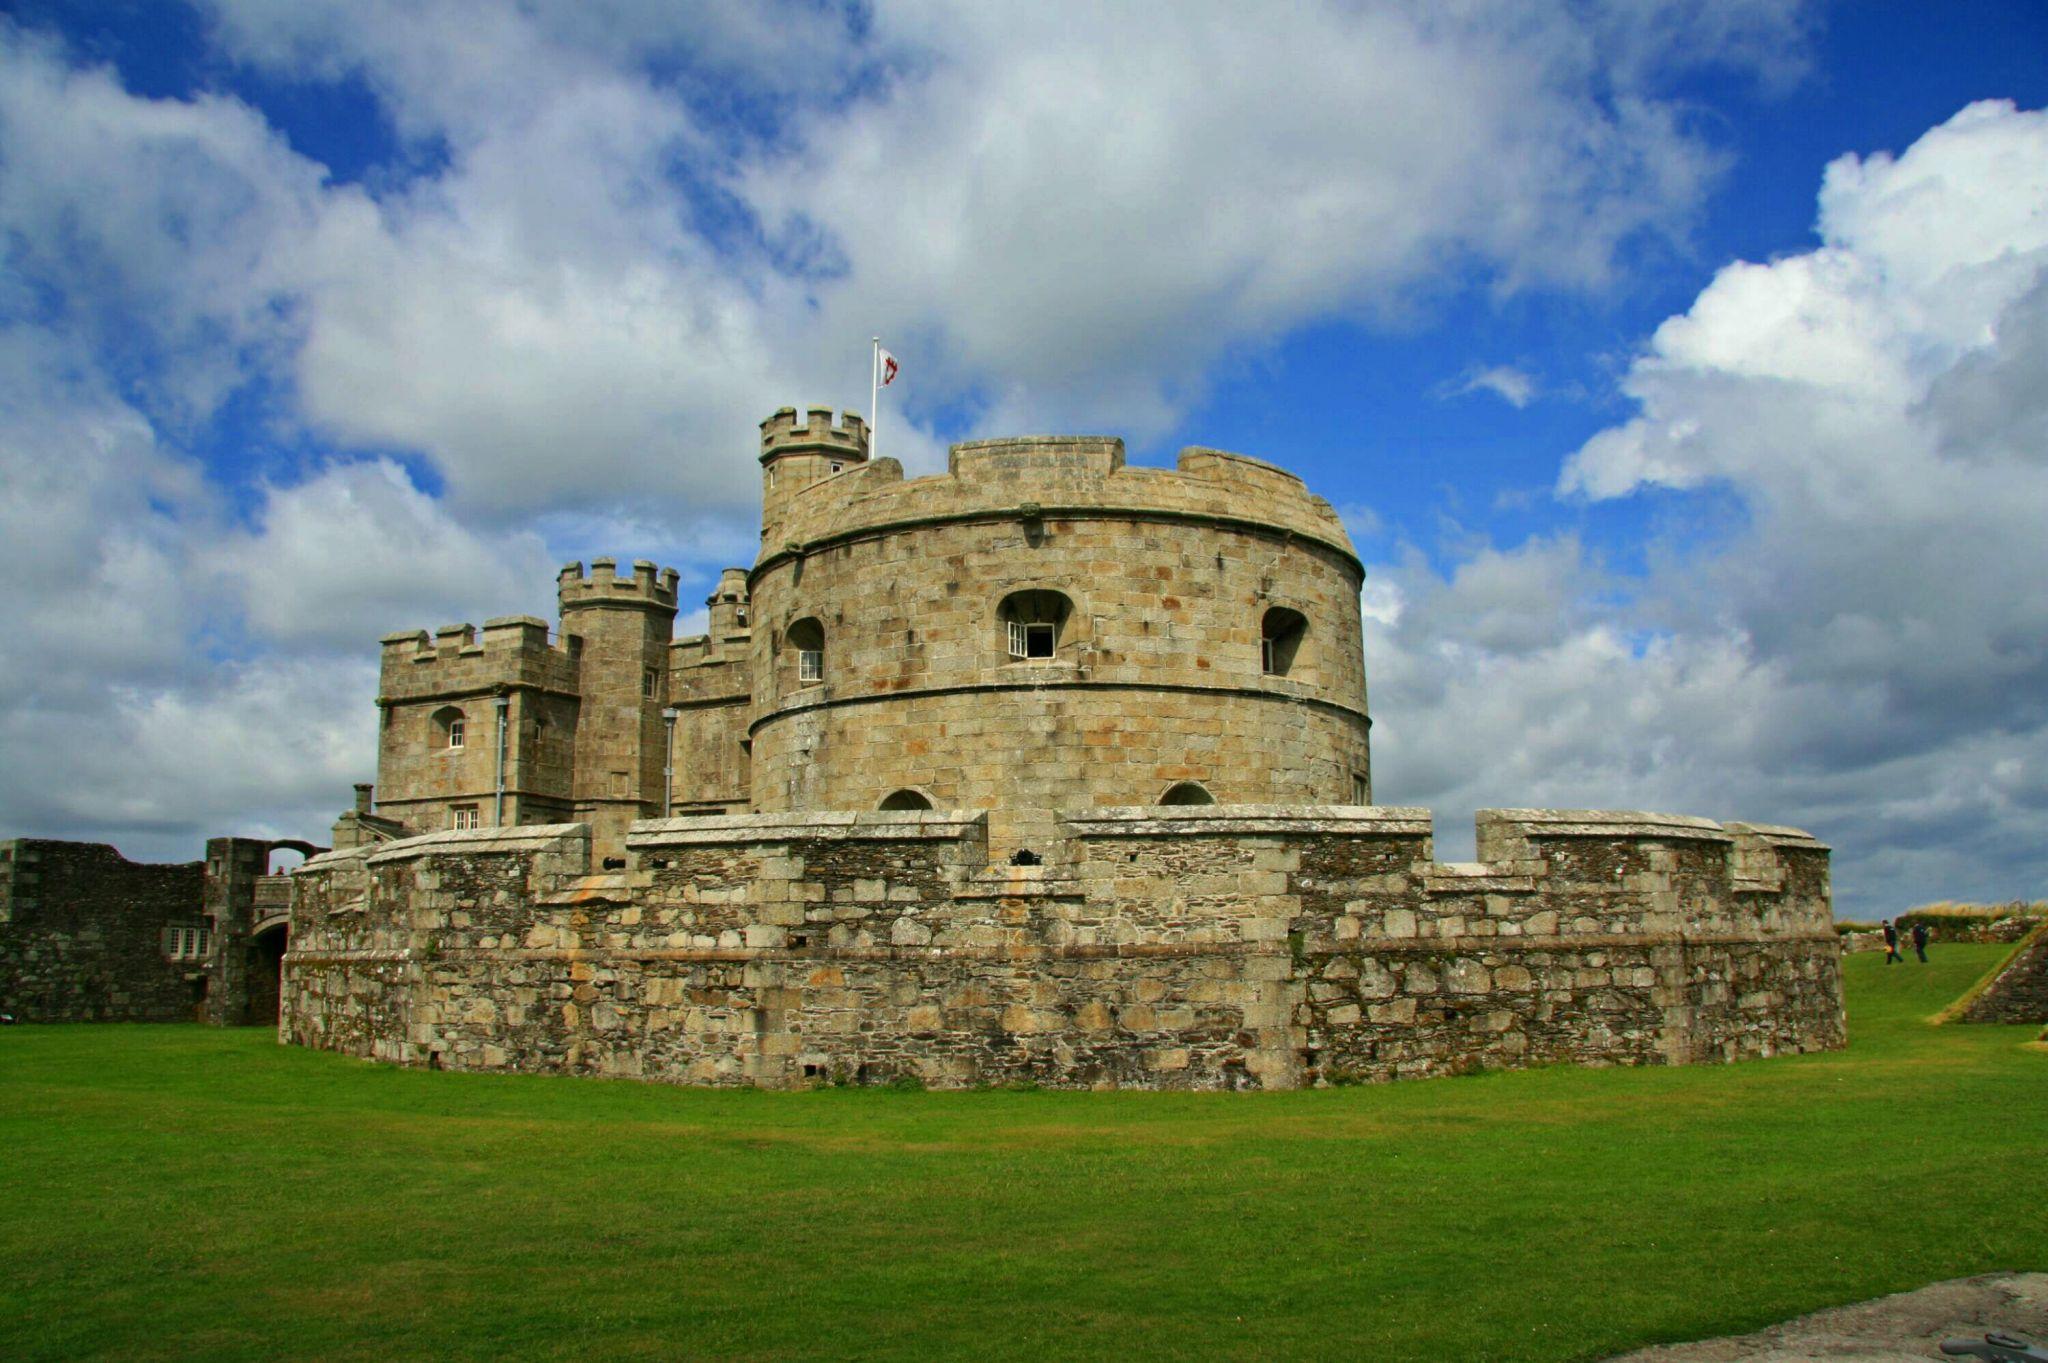 Pendennis Castle, United Kingdom